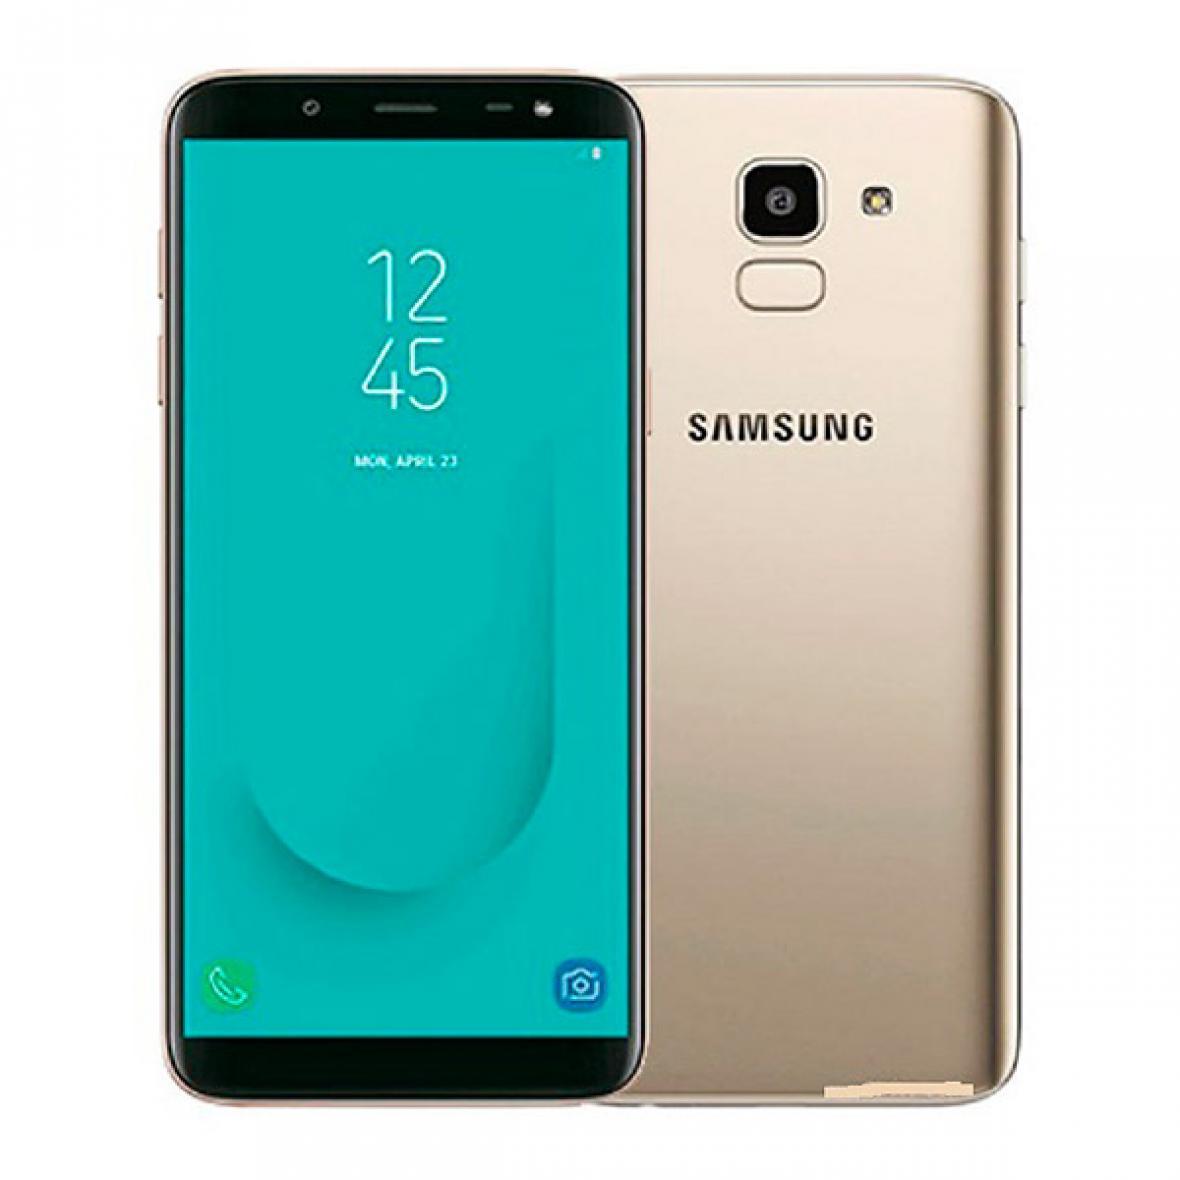 Gama media: esta gama de celulares va desde los $400.000 hasta los $900.000. Aquí se encuentran ofertados dispositivos que combinan grandes pantallas con buenas cámaras y un óptimo rendimiento a un precio al que pueden acceder muchos usuarios. En la imagen el Samsung Galaxy J6.